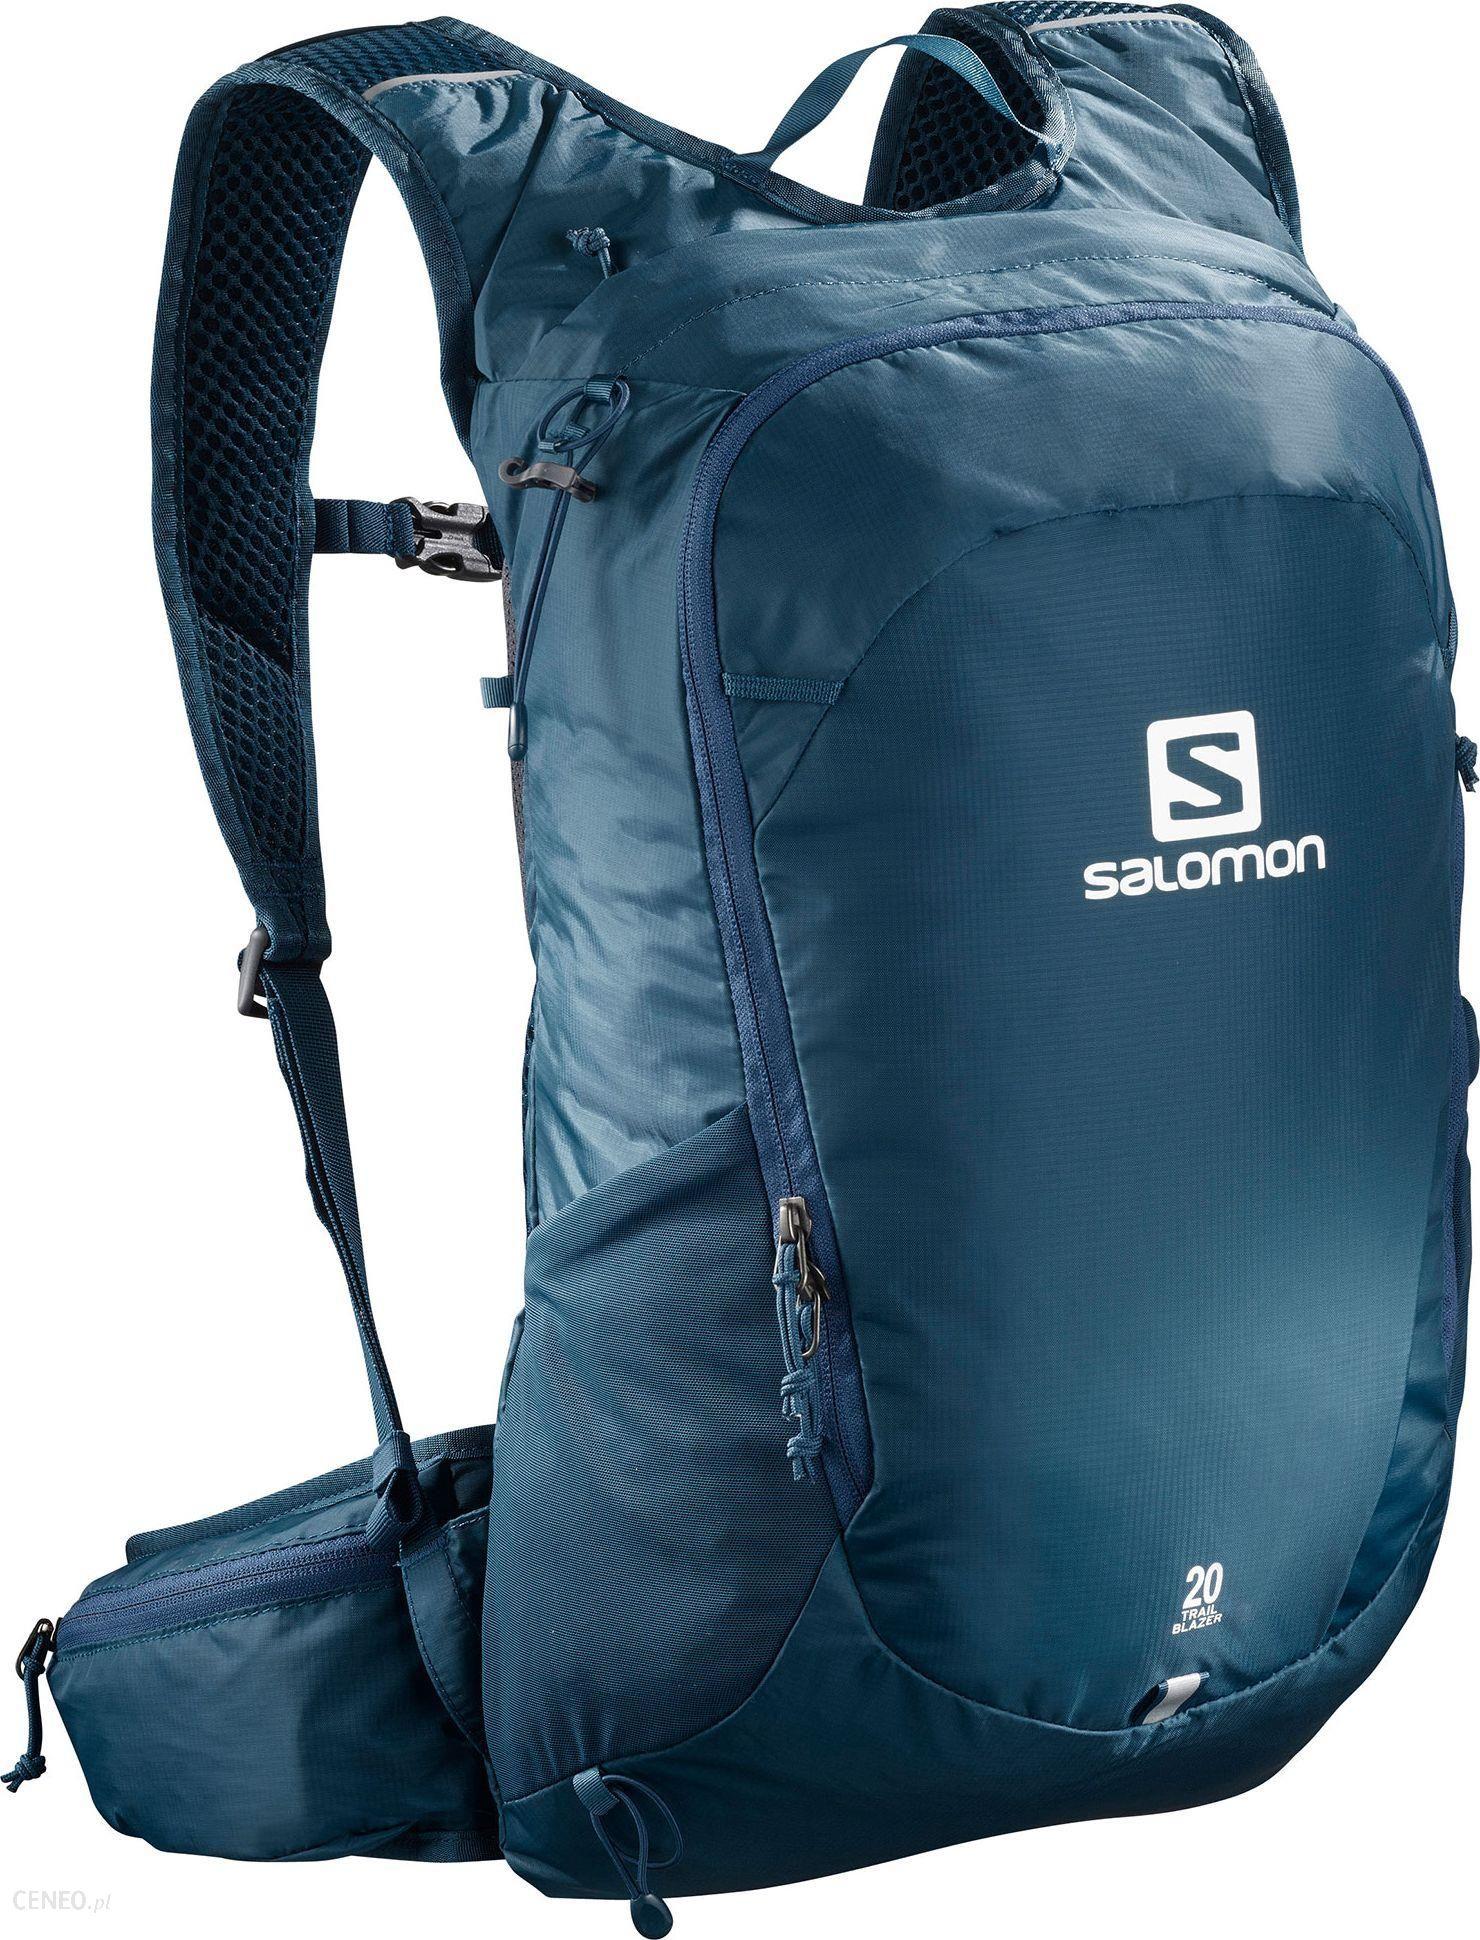 130a8df2c2d15 Plecak Salomon Trailblazer 20L Granatowy (Lc1084800) - Ceny i opinie ...